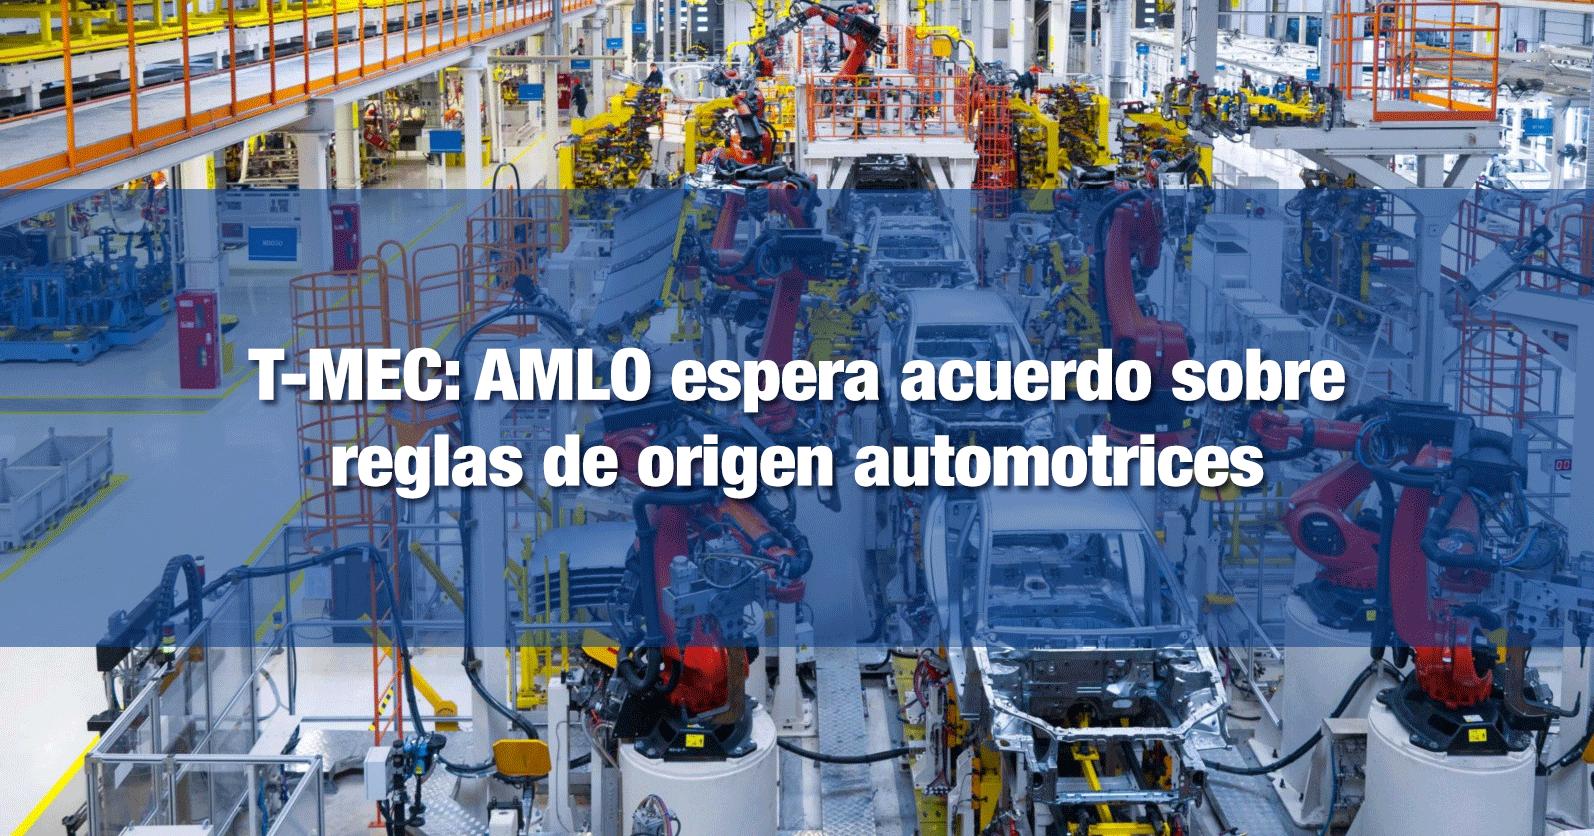 T-MEC: AMLO espera acuerdo sobre reglas de origen automotrices